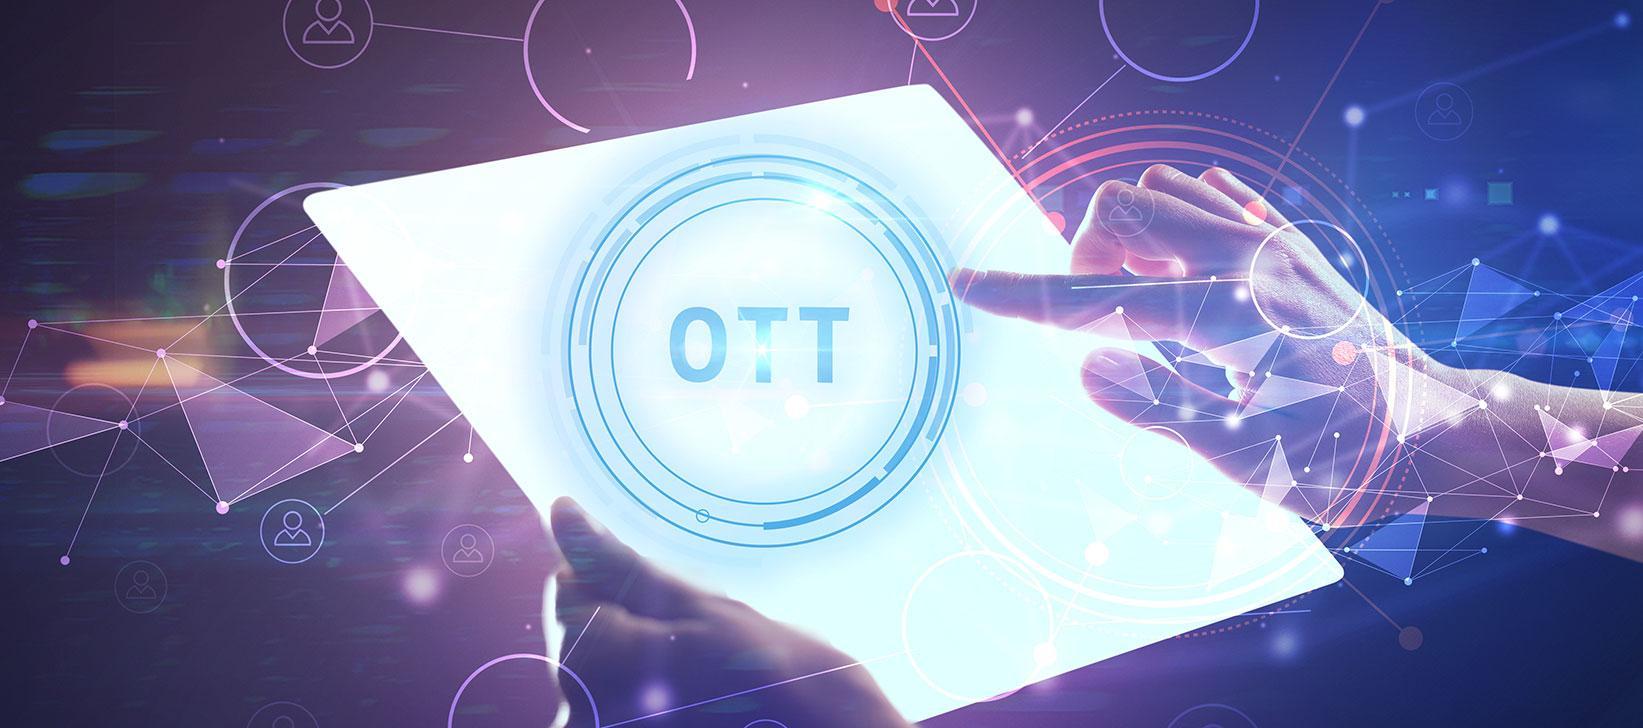 OTT/IPTV Services